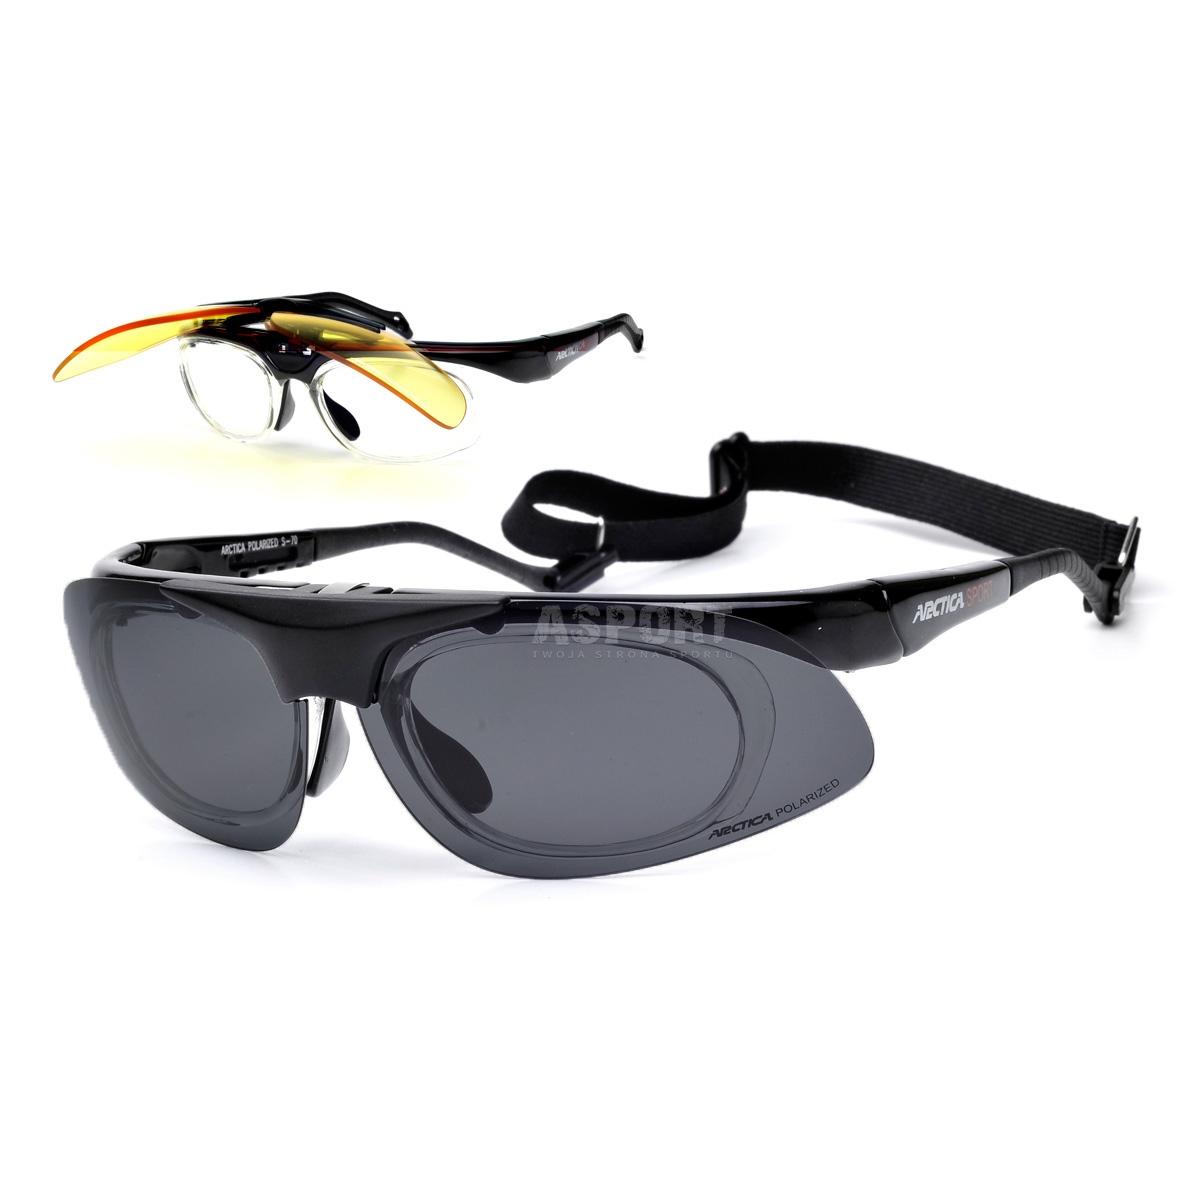 Okulary przeciwsłoneczne, ramka na szkła korekcyjne +